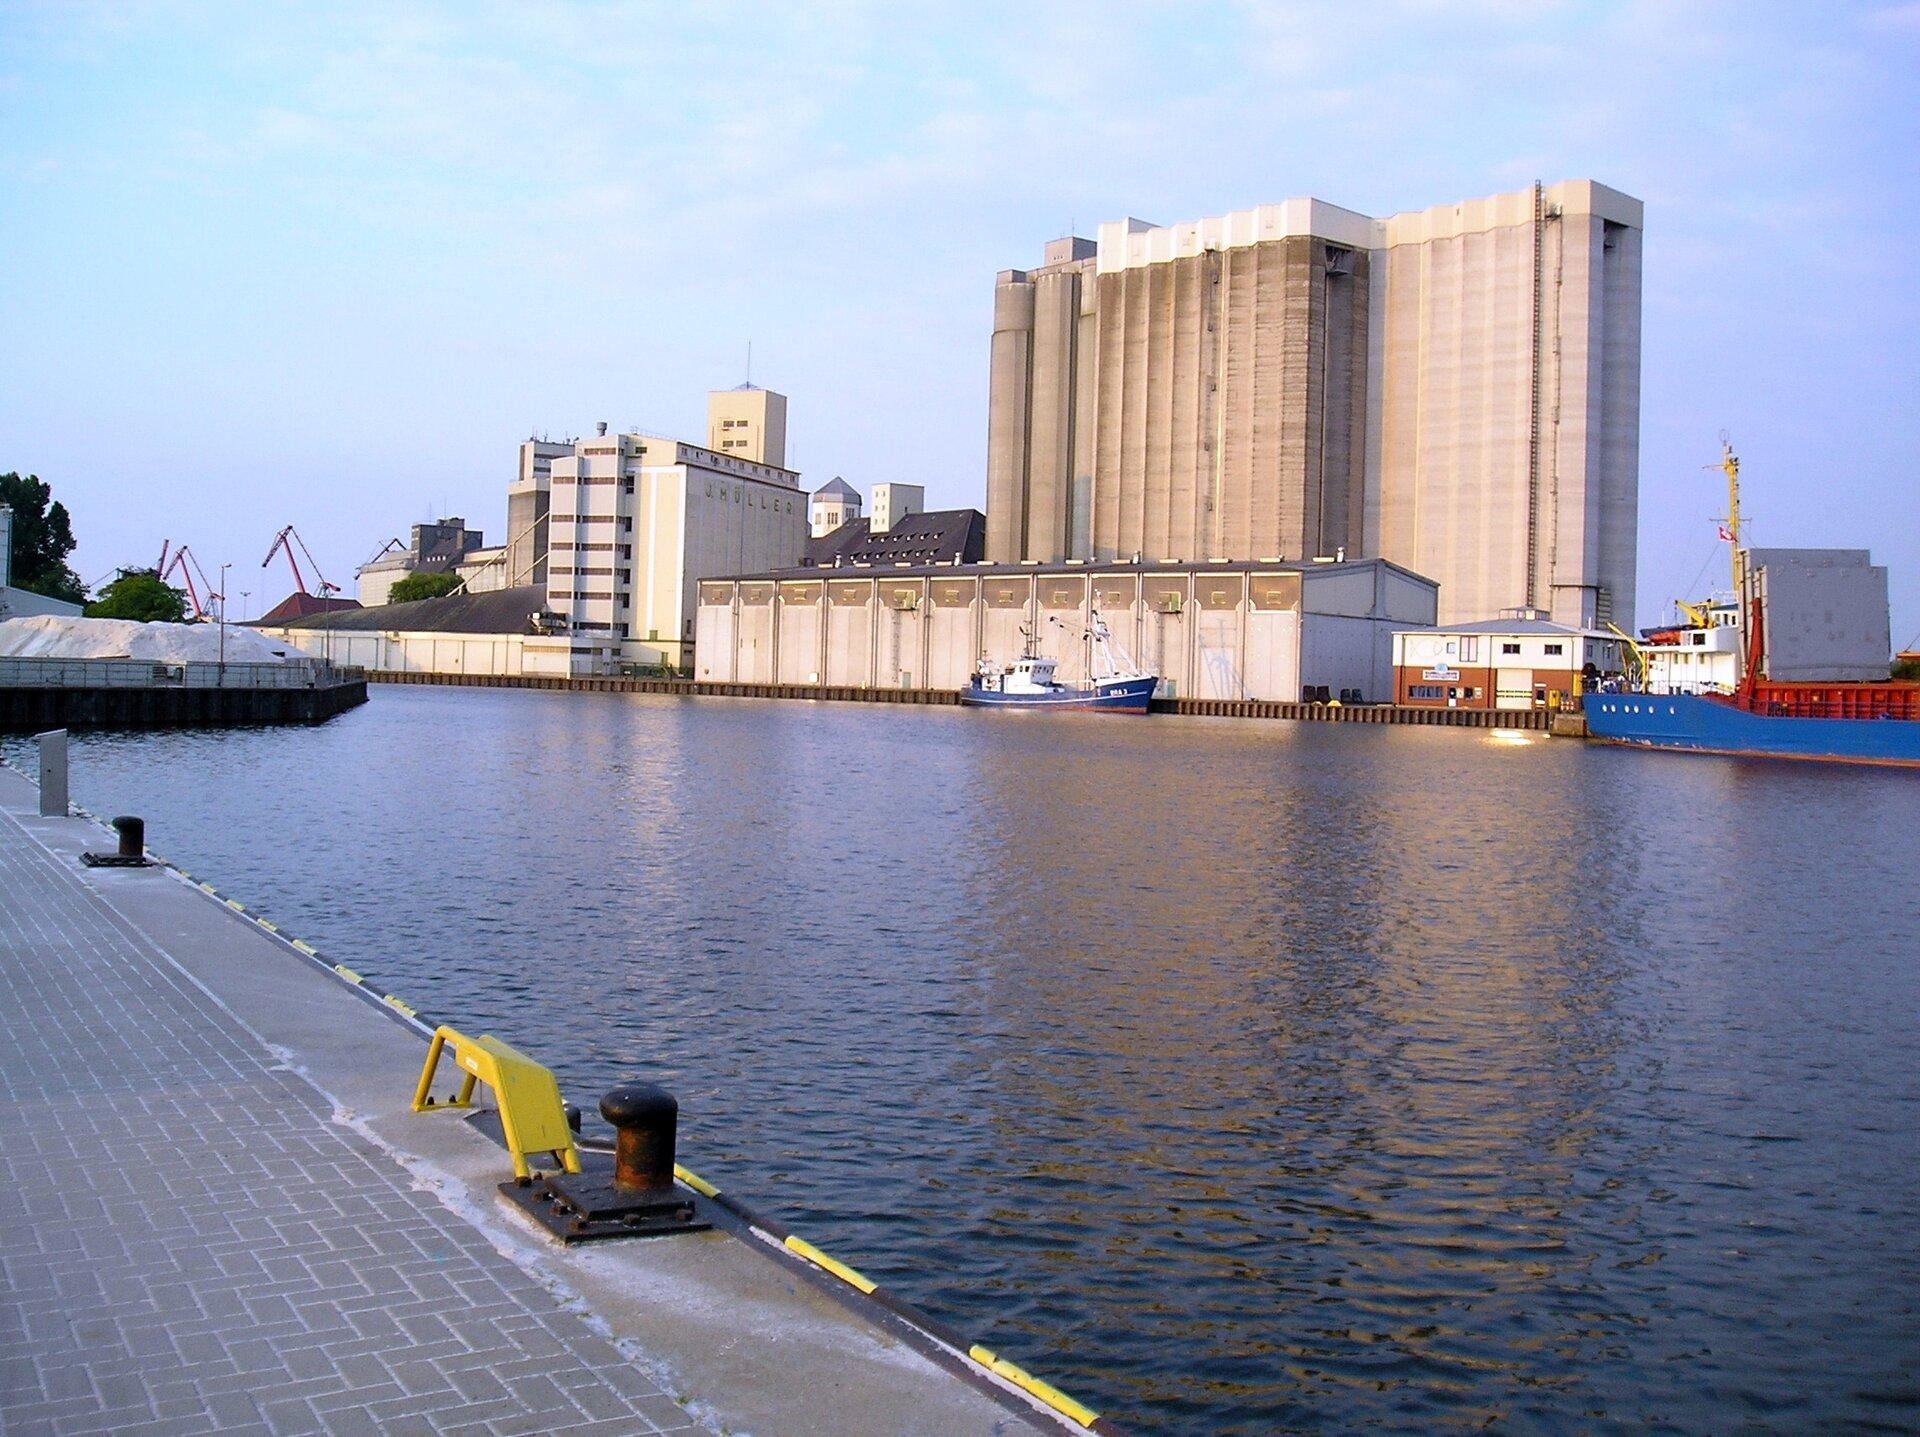 Binnenhafen5_Siloanlagen